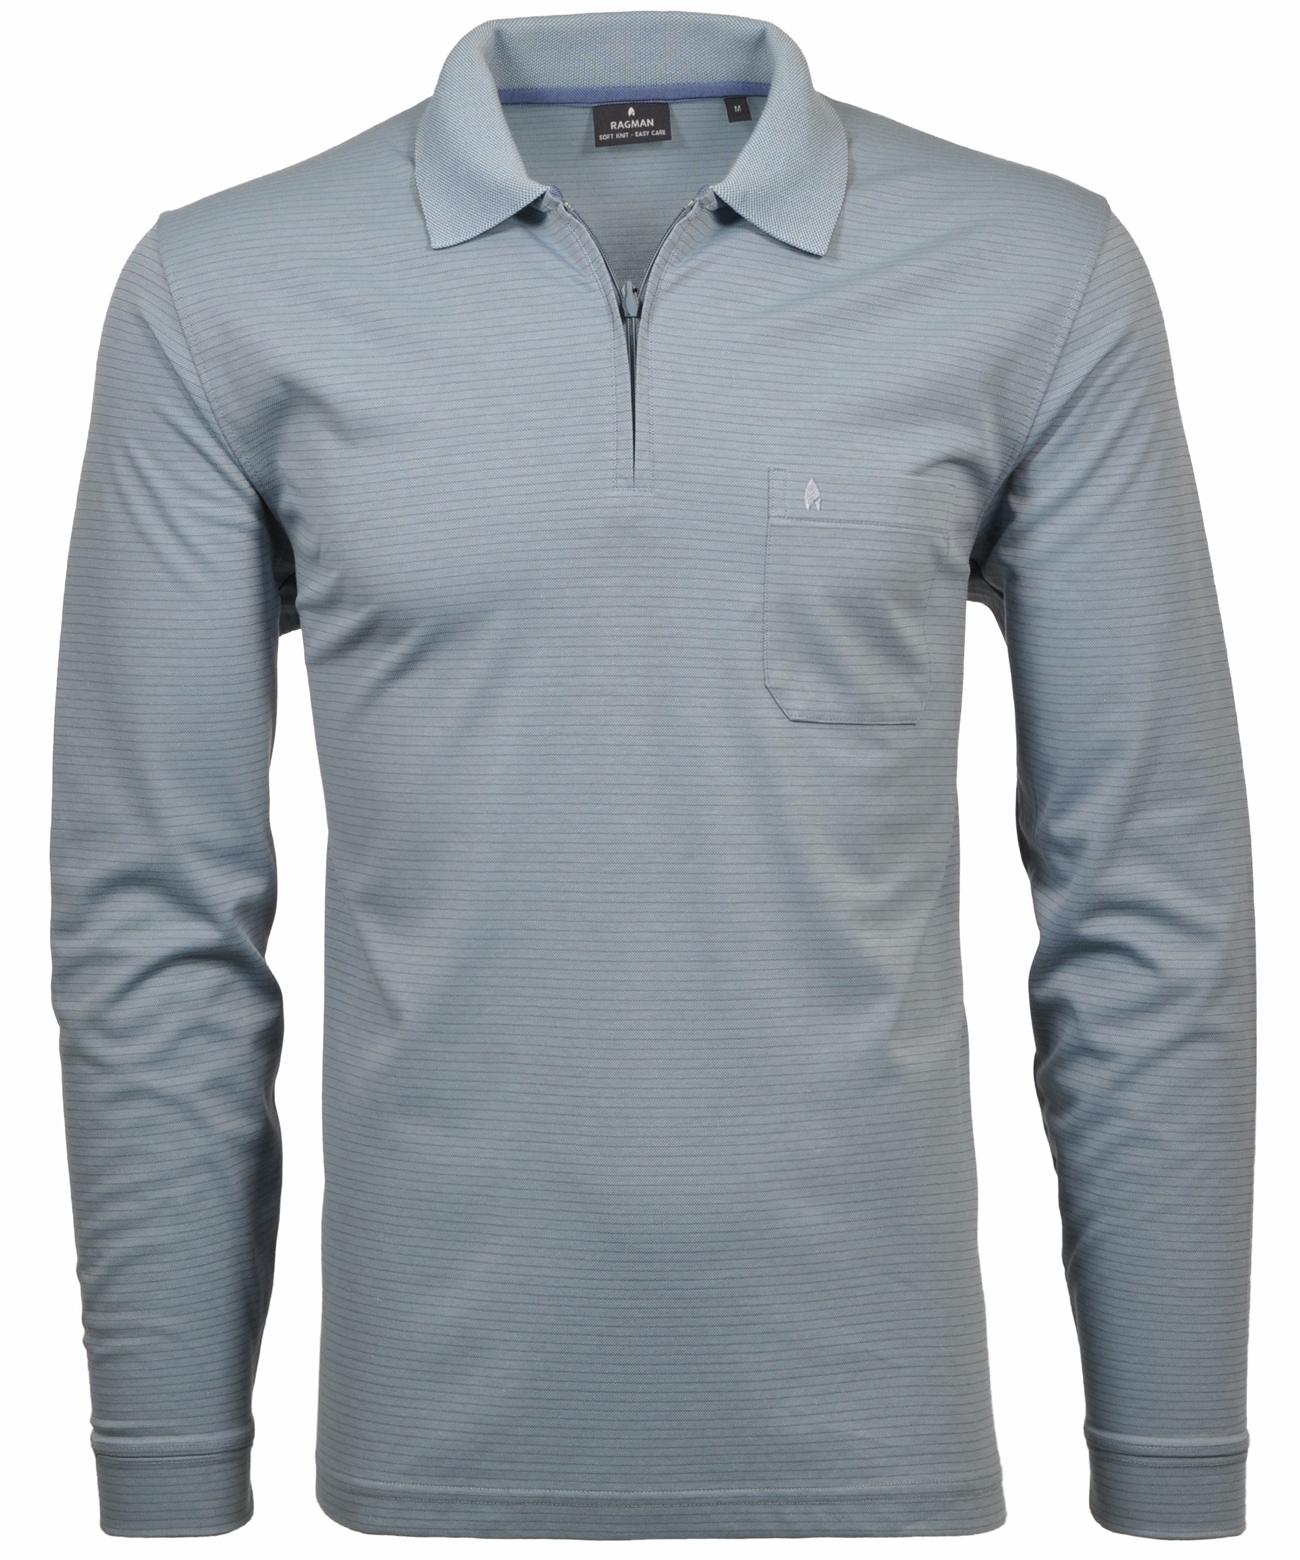 RAGMAN Poloshirt | Bekleidung > Polo Shirts | Ragman